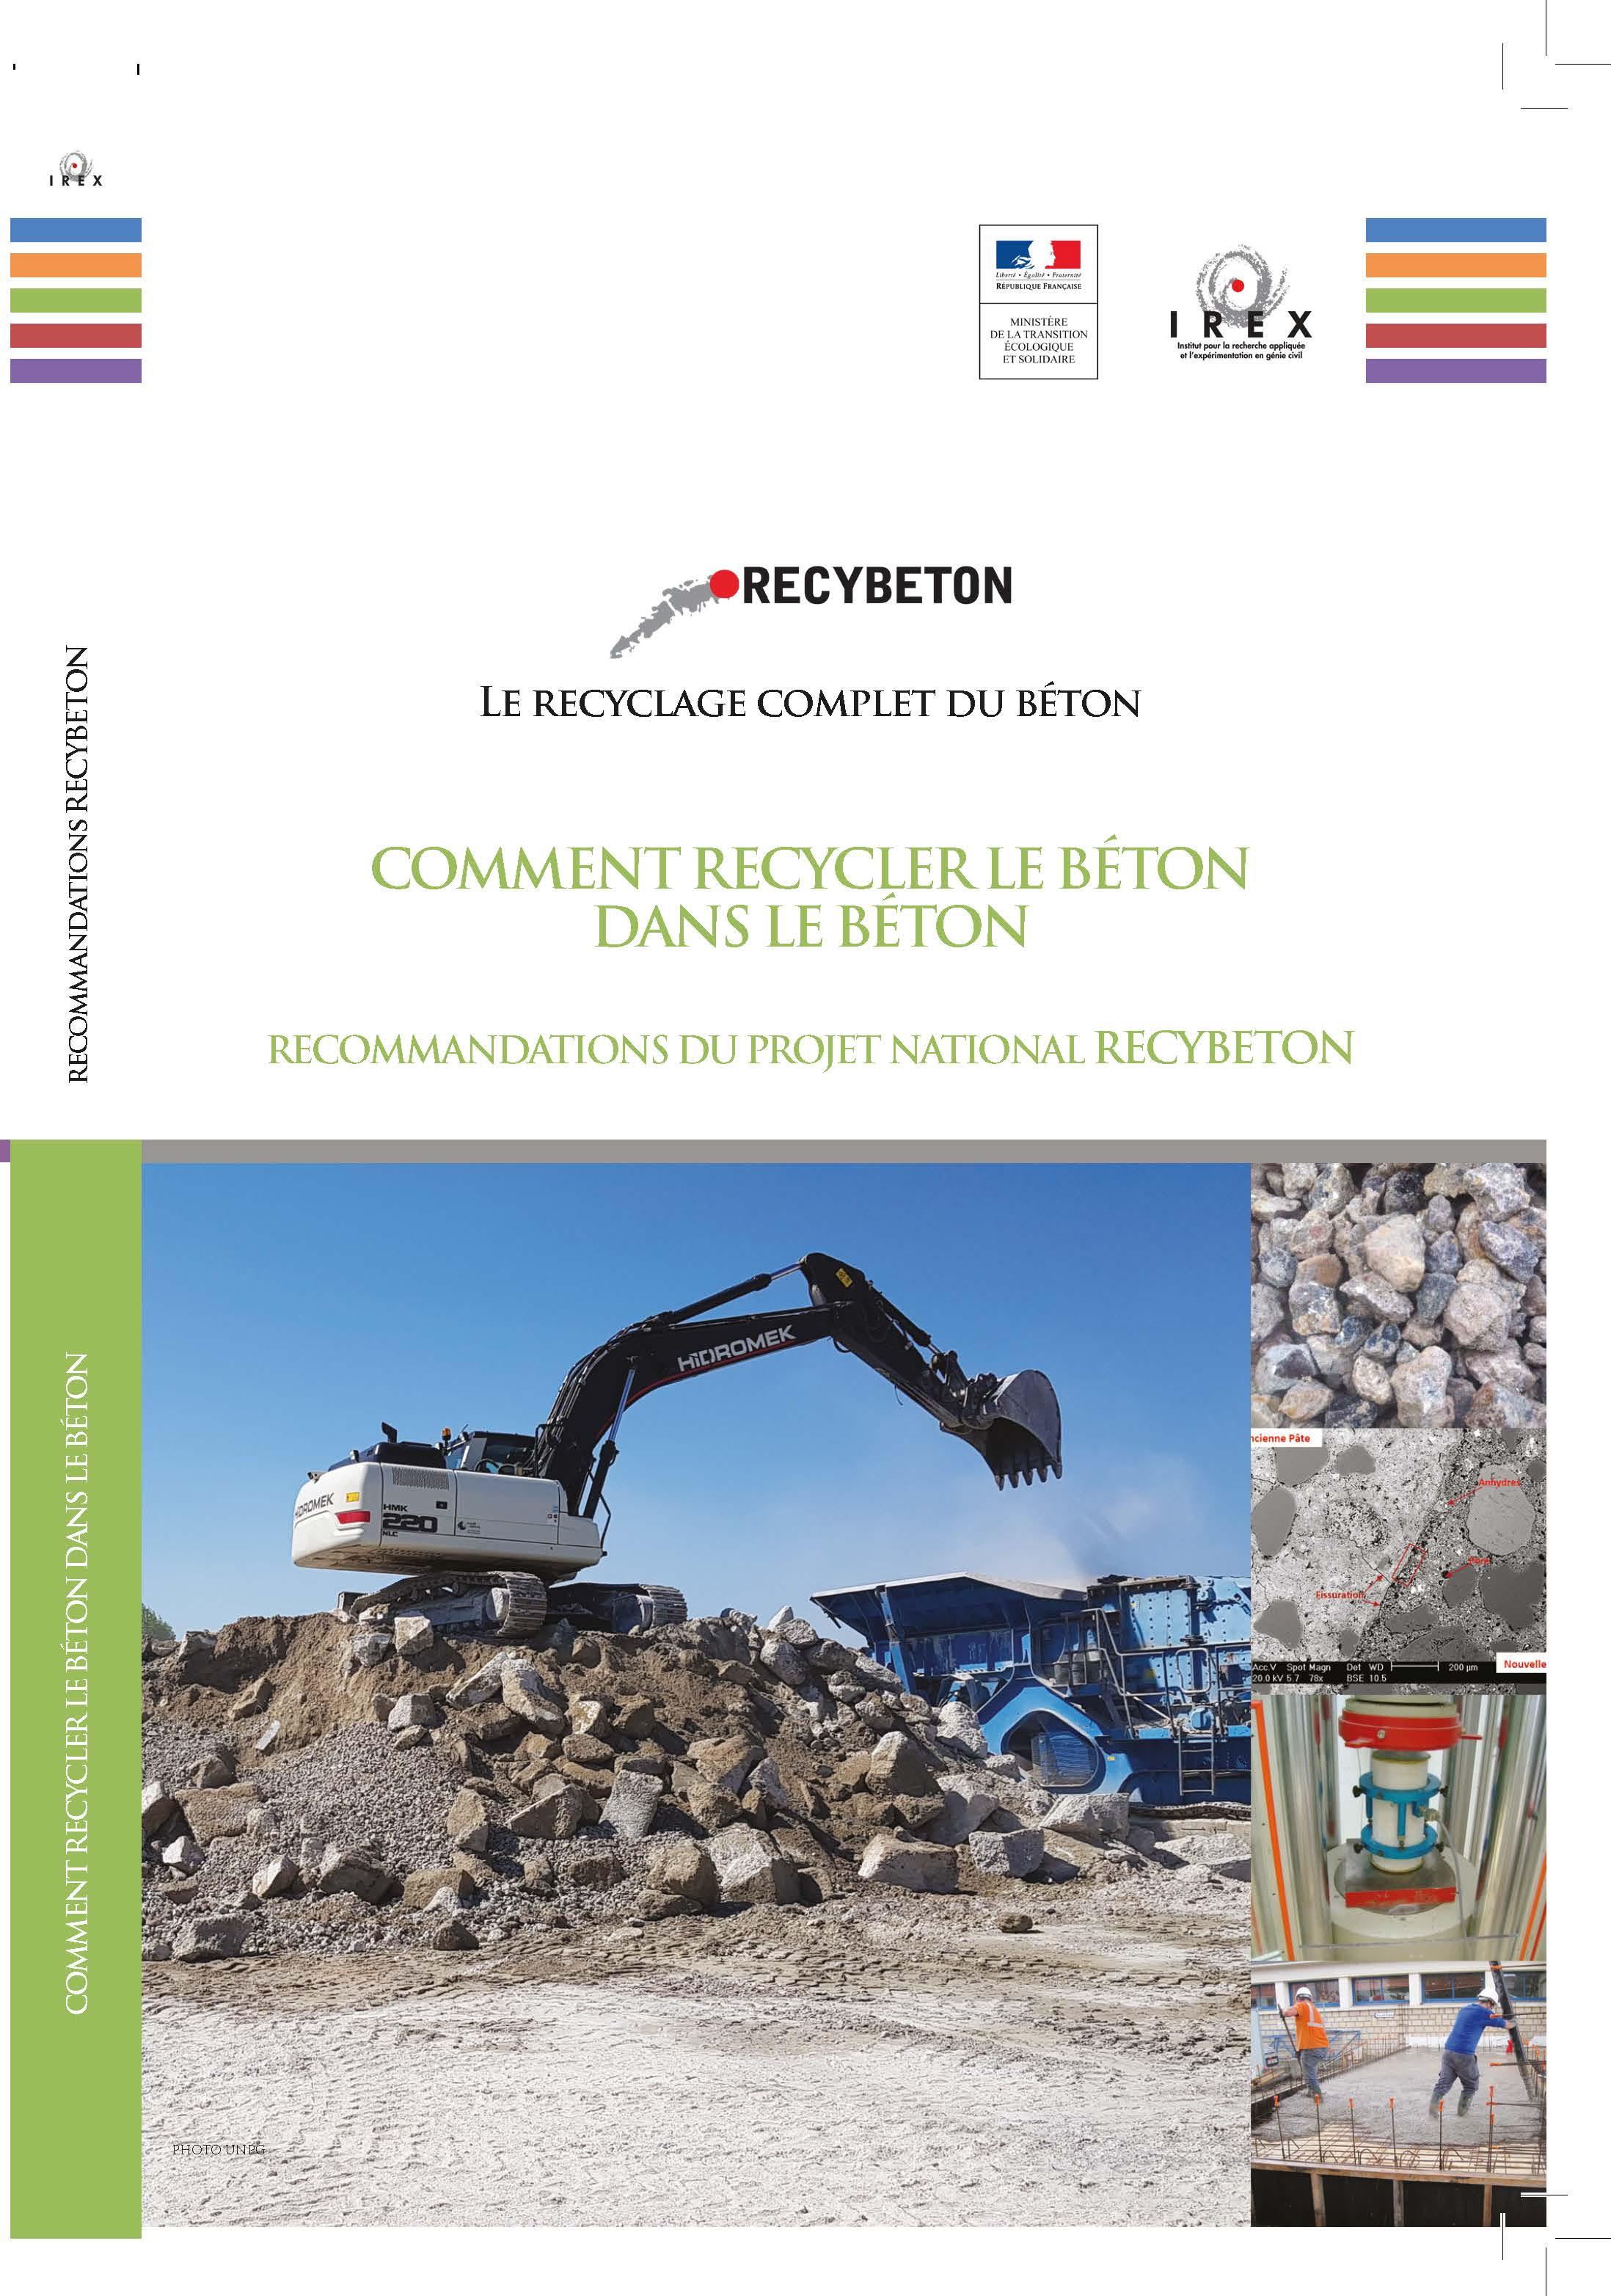 Nouvelle publication : Comment recycler le béton dans le béton - Recommandations du projet national Recybeton